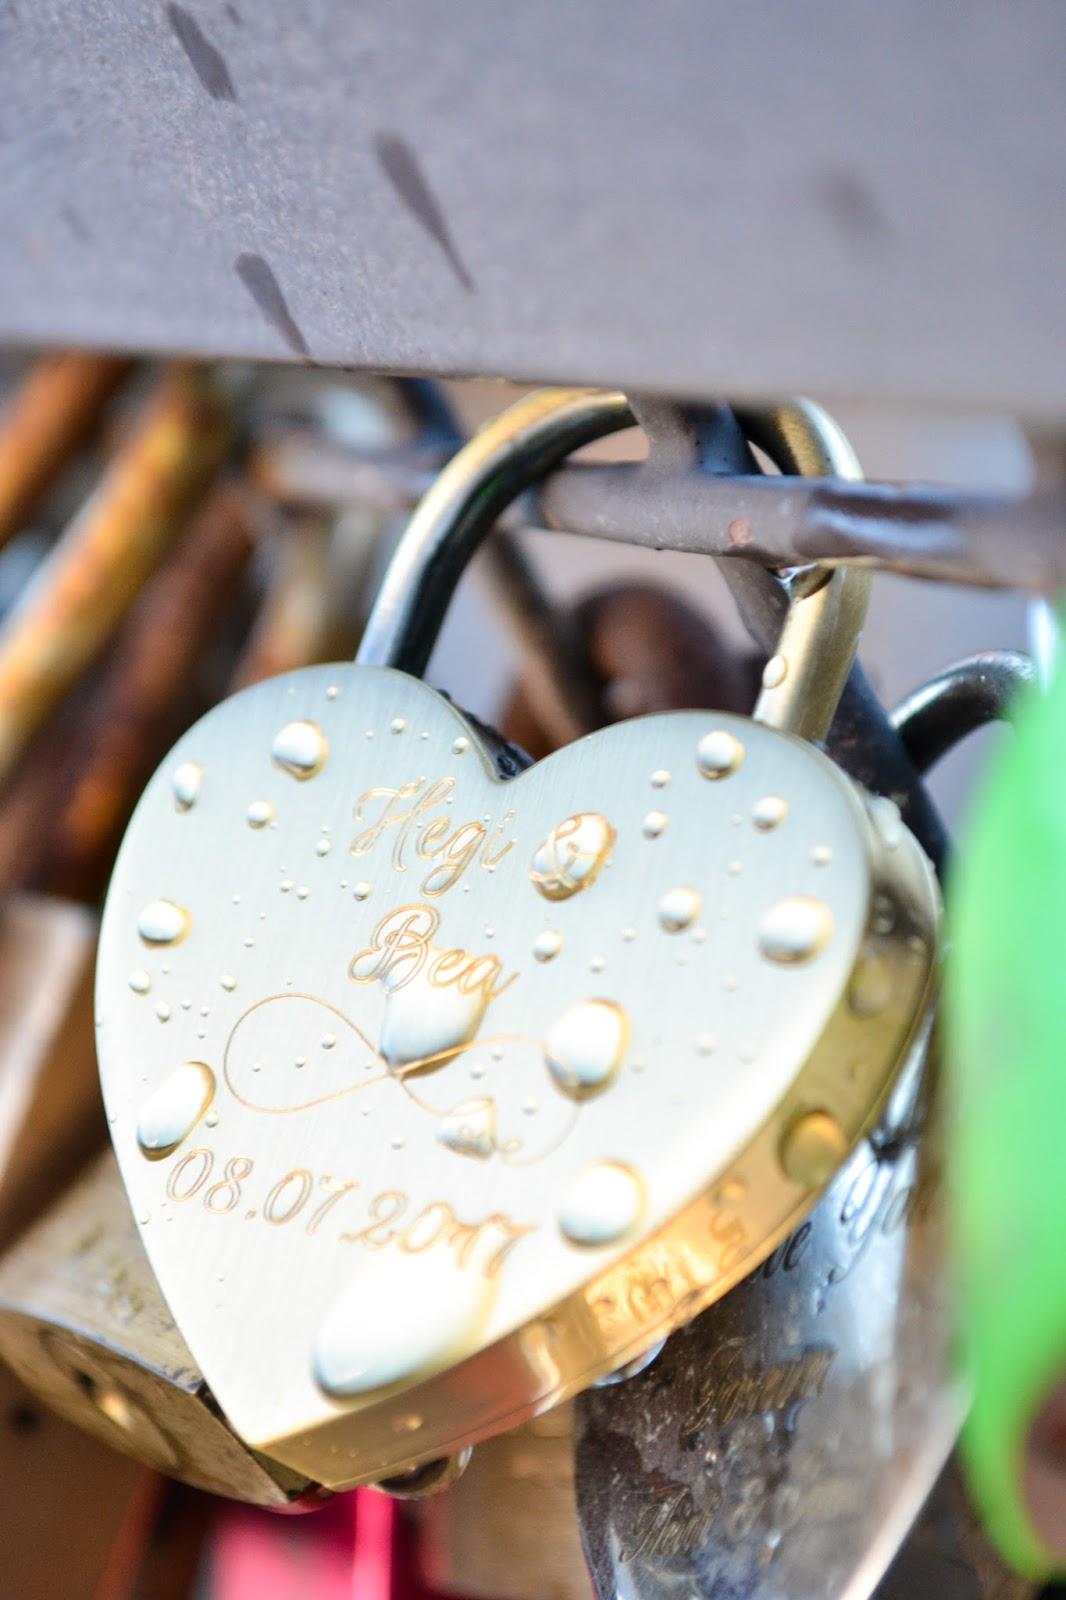 Saippuakuplia olohuoneessa blogi, kuva Hanna Poikkilehto, ystävänpäivä, rakkaus, rakkauslukko, Helsinki, ystävyys,